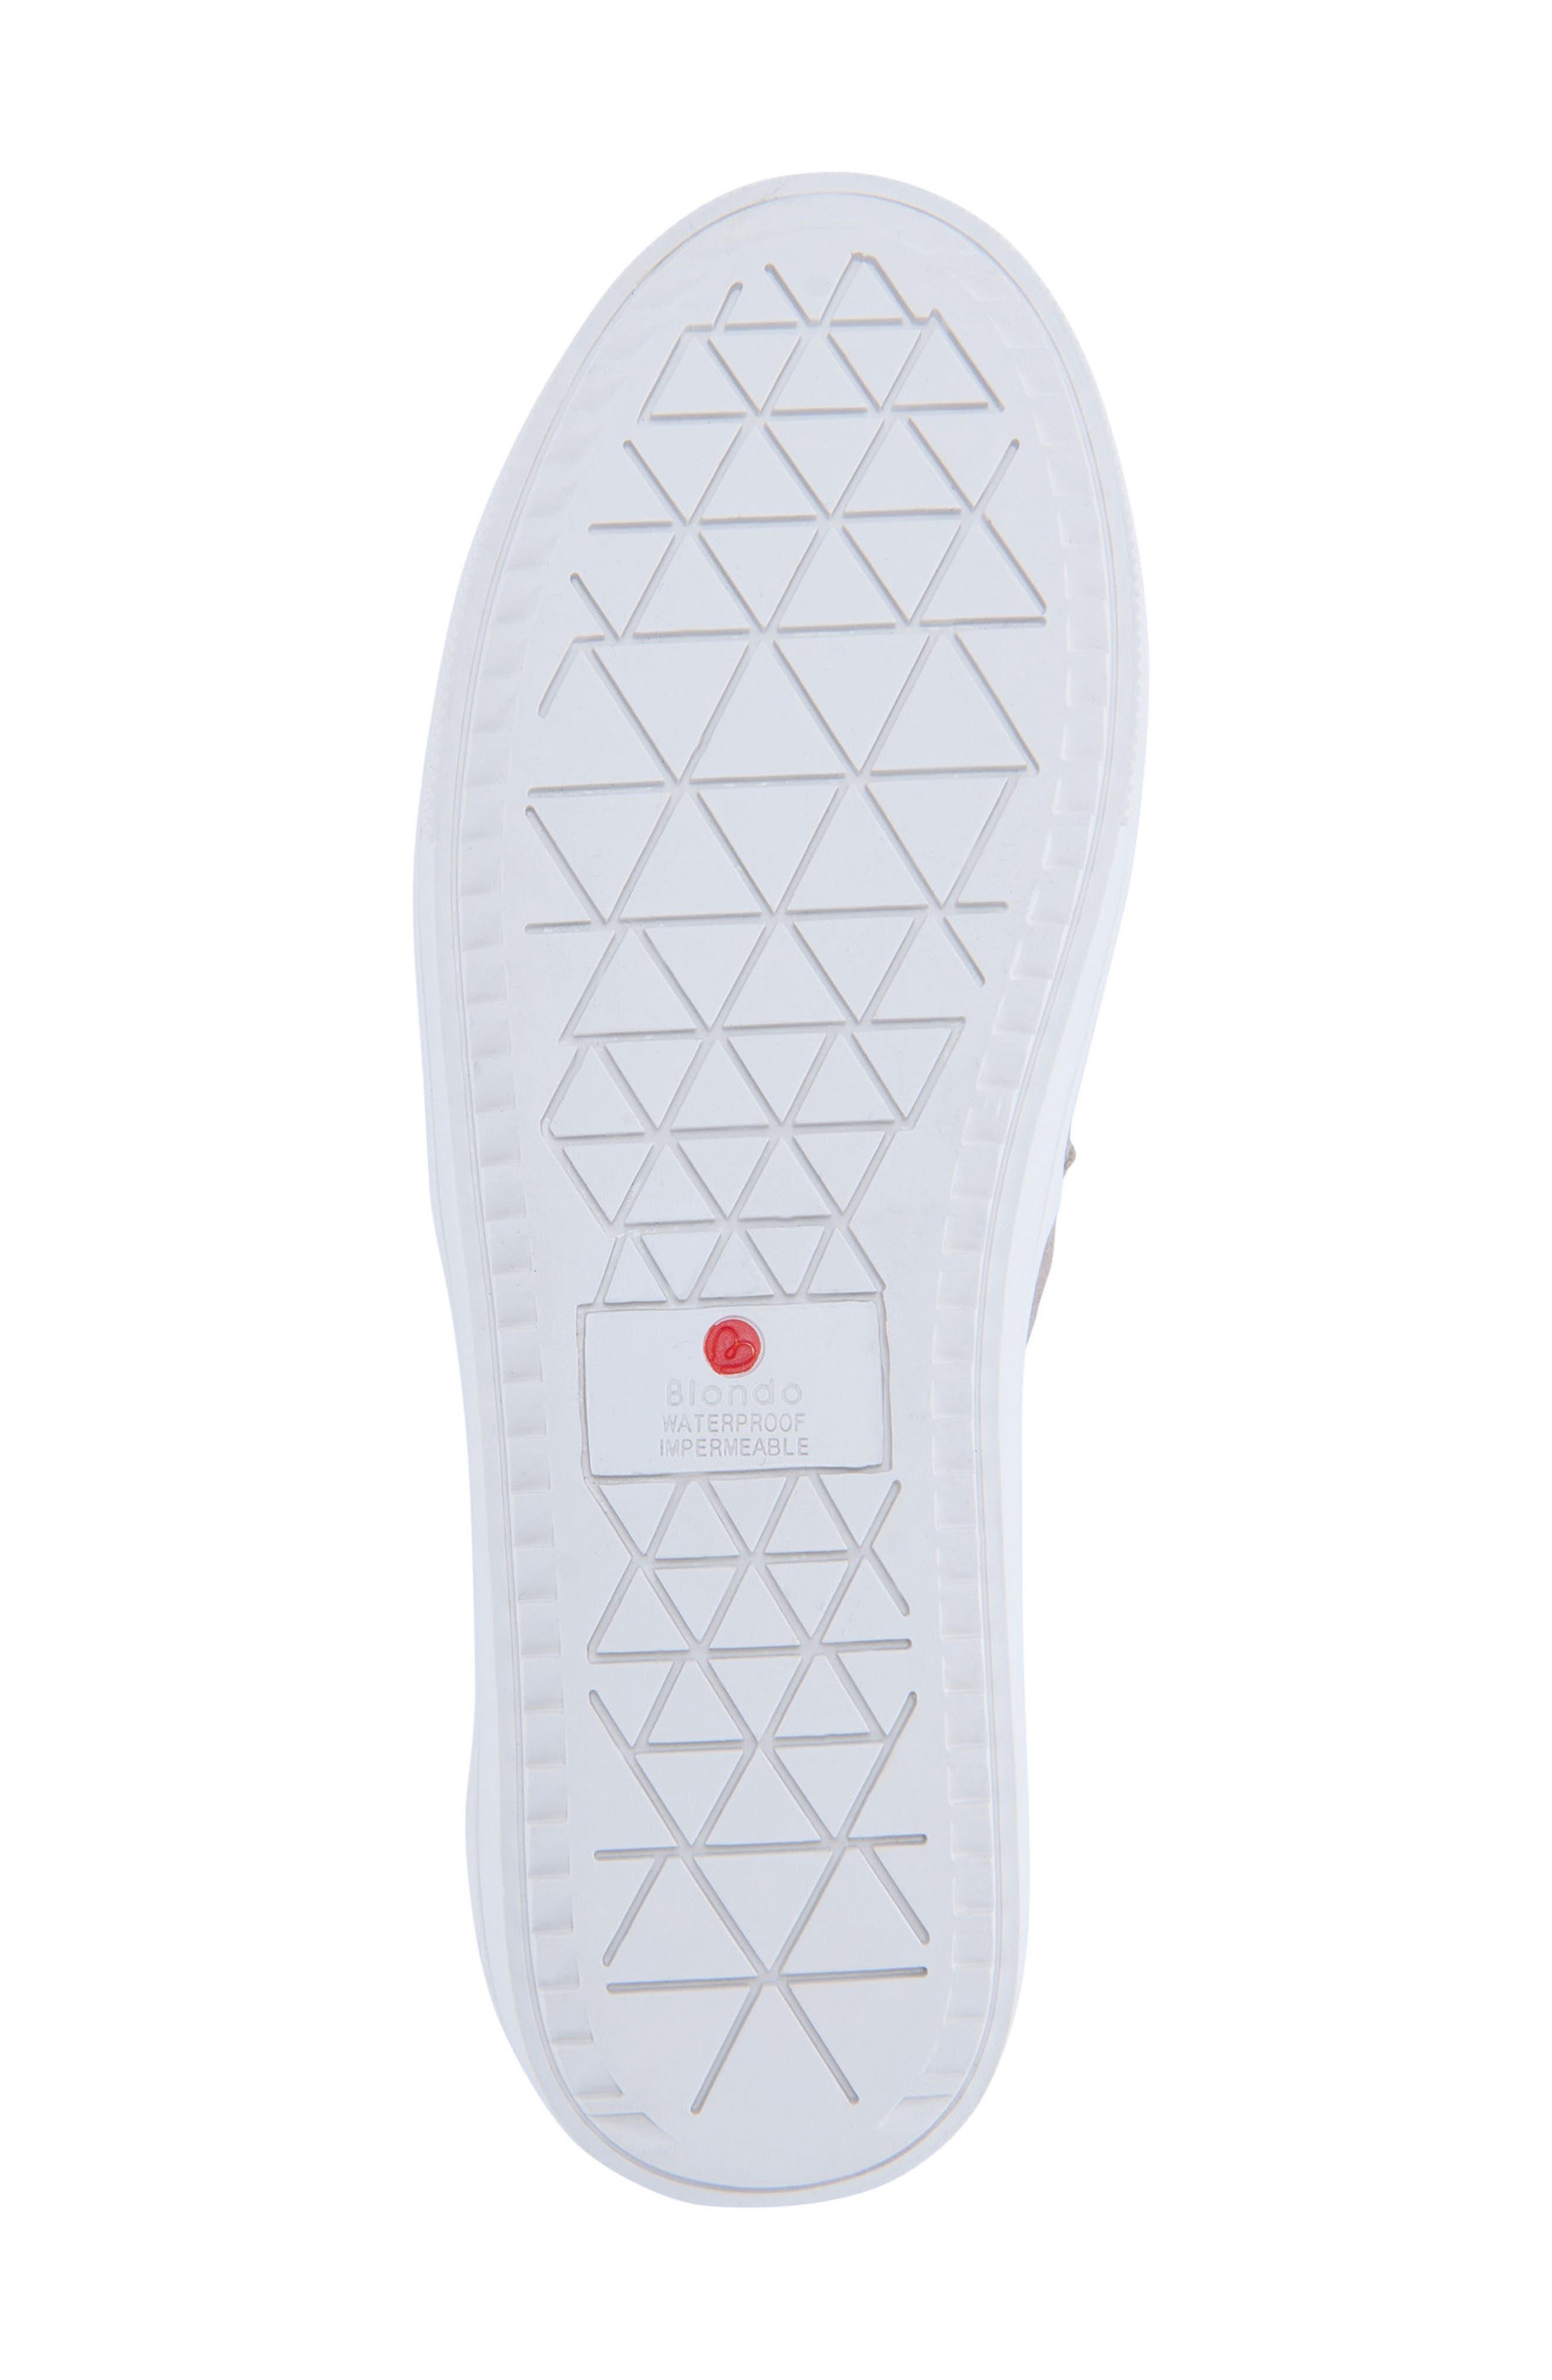 BLONDO, Gracie Waterproof Slip-On Sneaker, Alternate thumbnail 6, color, MUSHROOM SUEDE